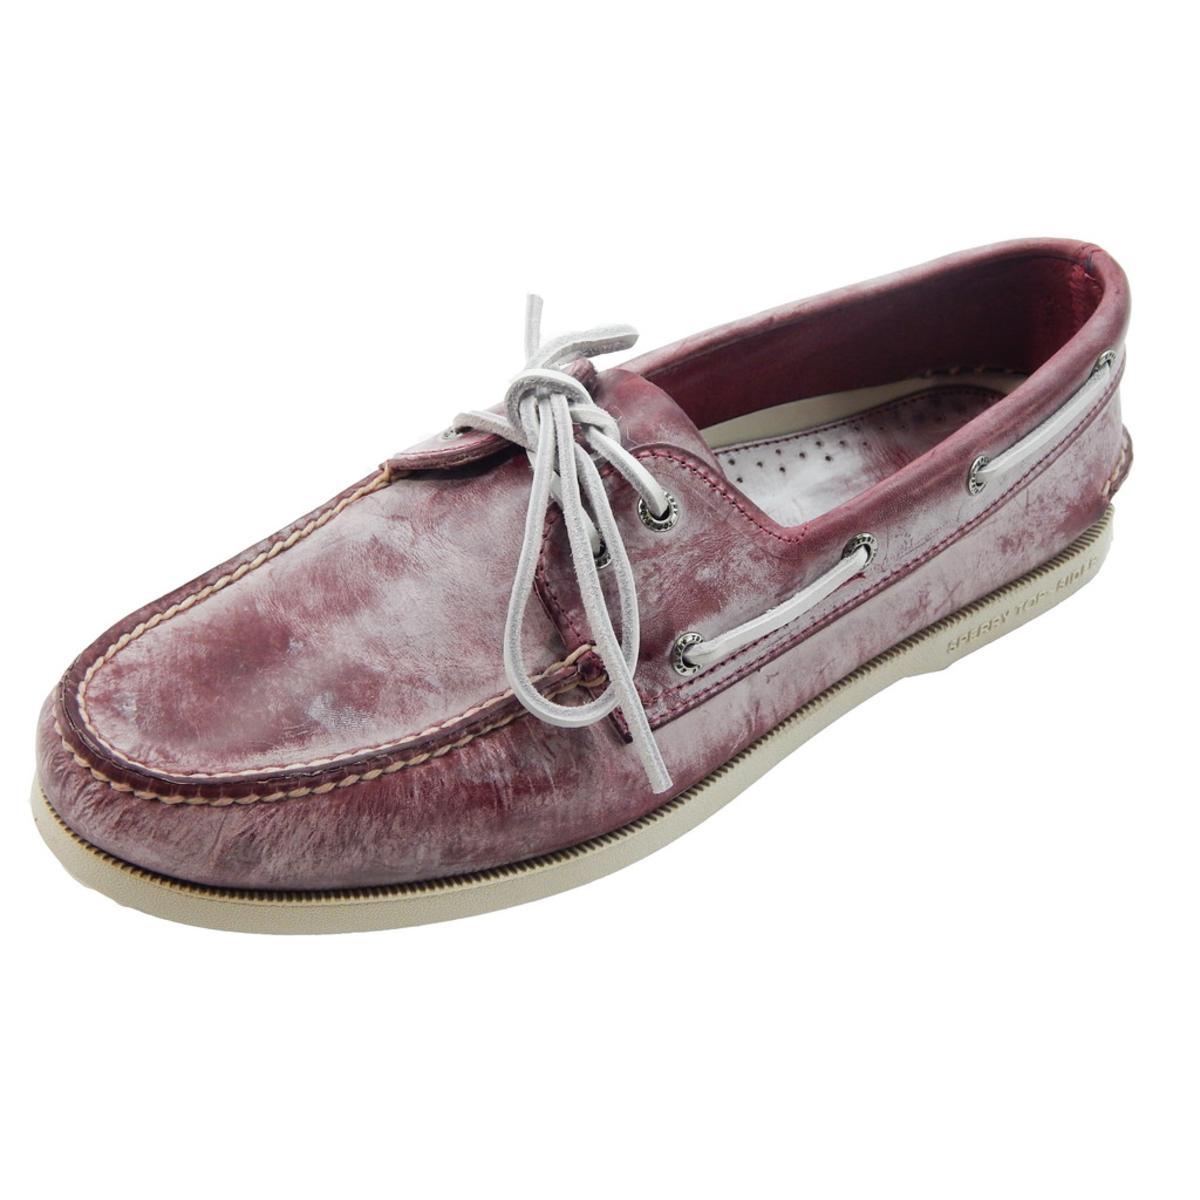 como limpiar zapatos sperry top sider uniqlo 60